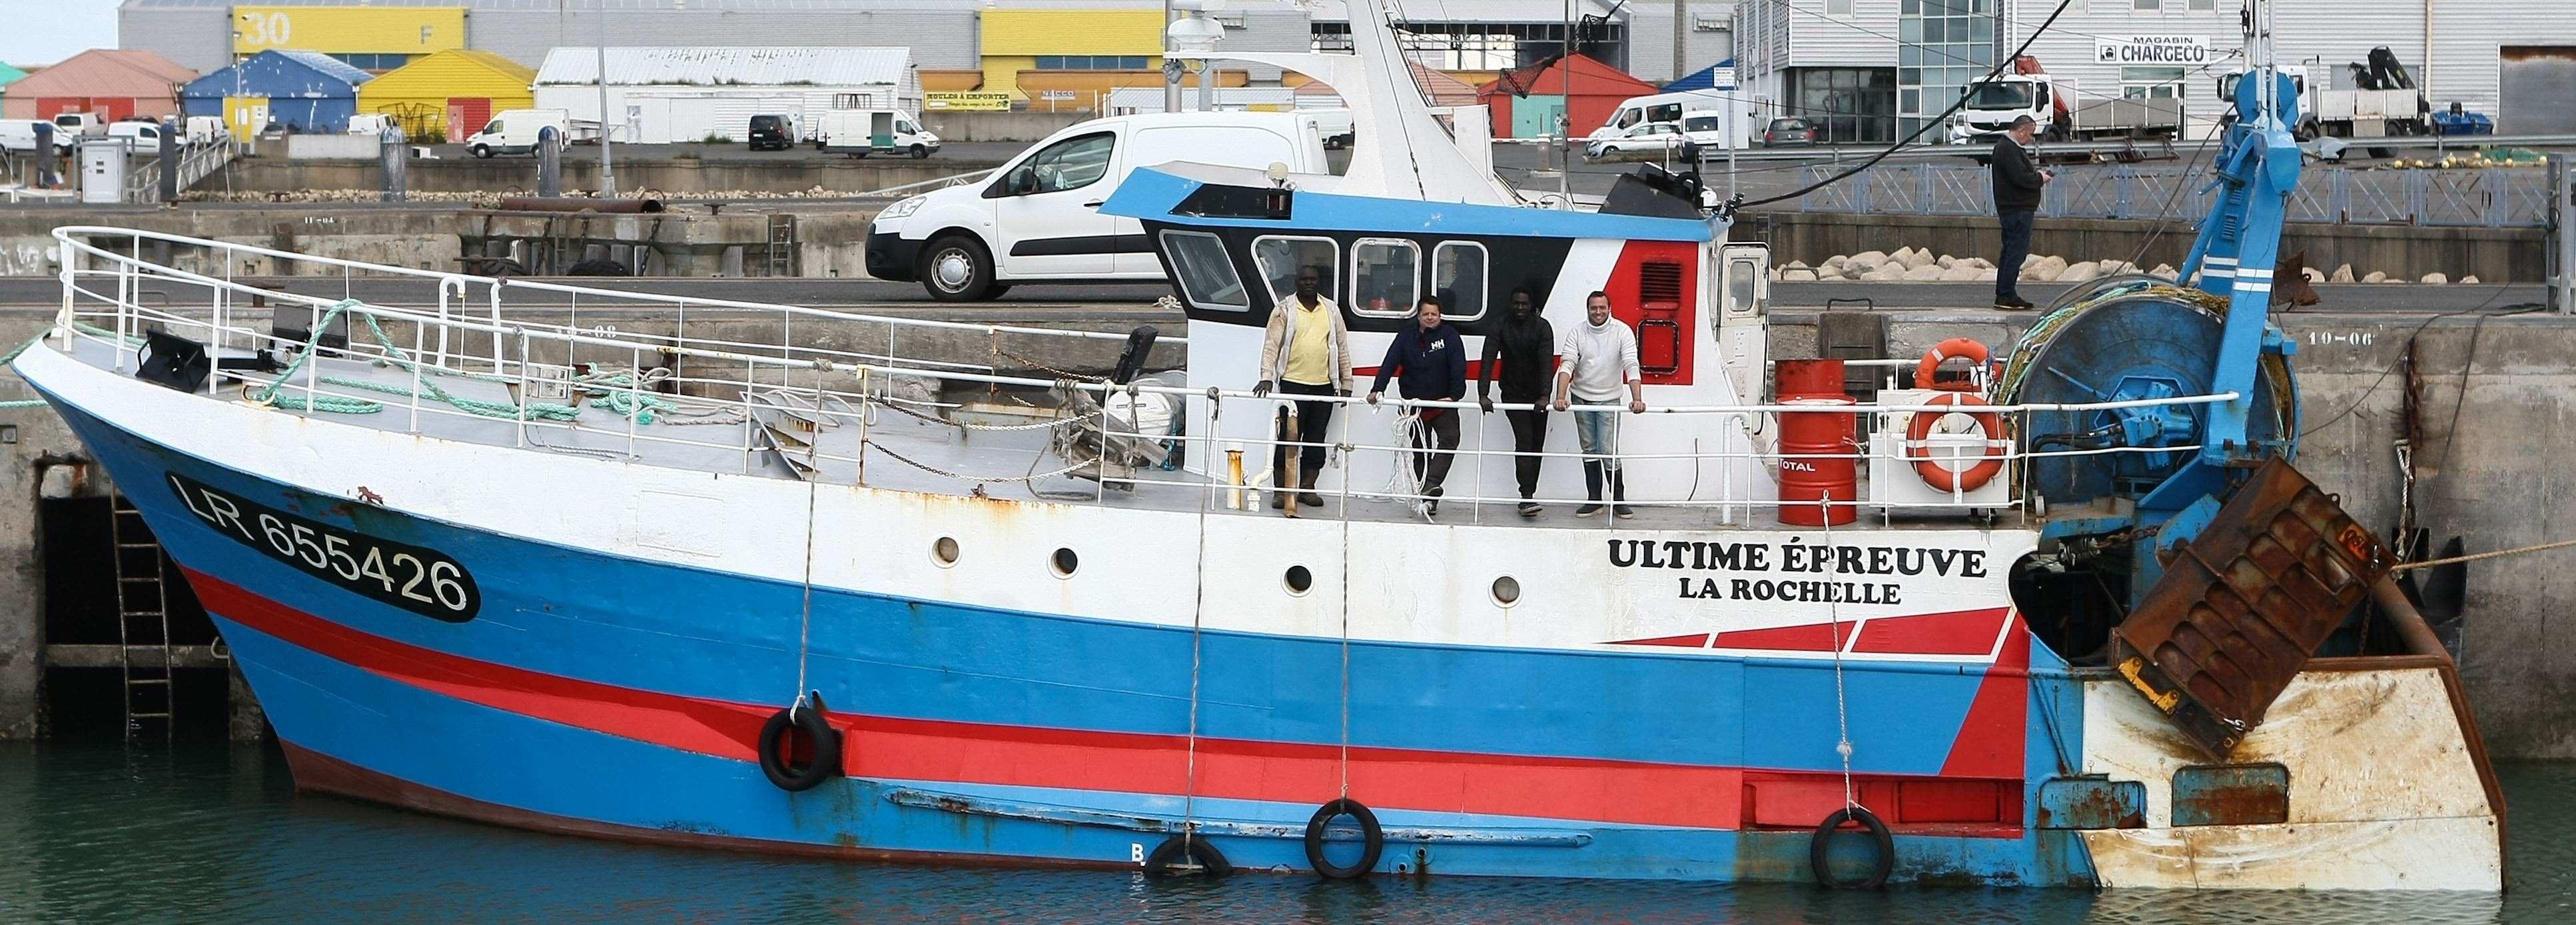 Chalutier L'Ultime Épreuve, port de pêche de La Rochelle. Photo Romuald Augé - FROM Sud-Ouest.